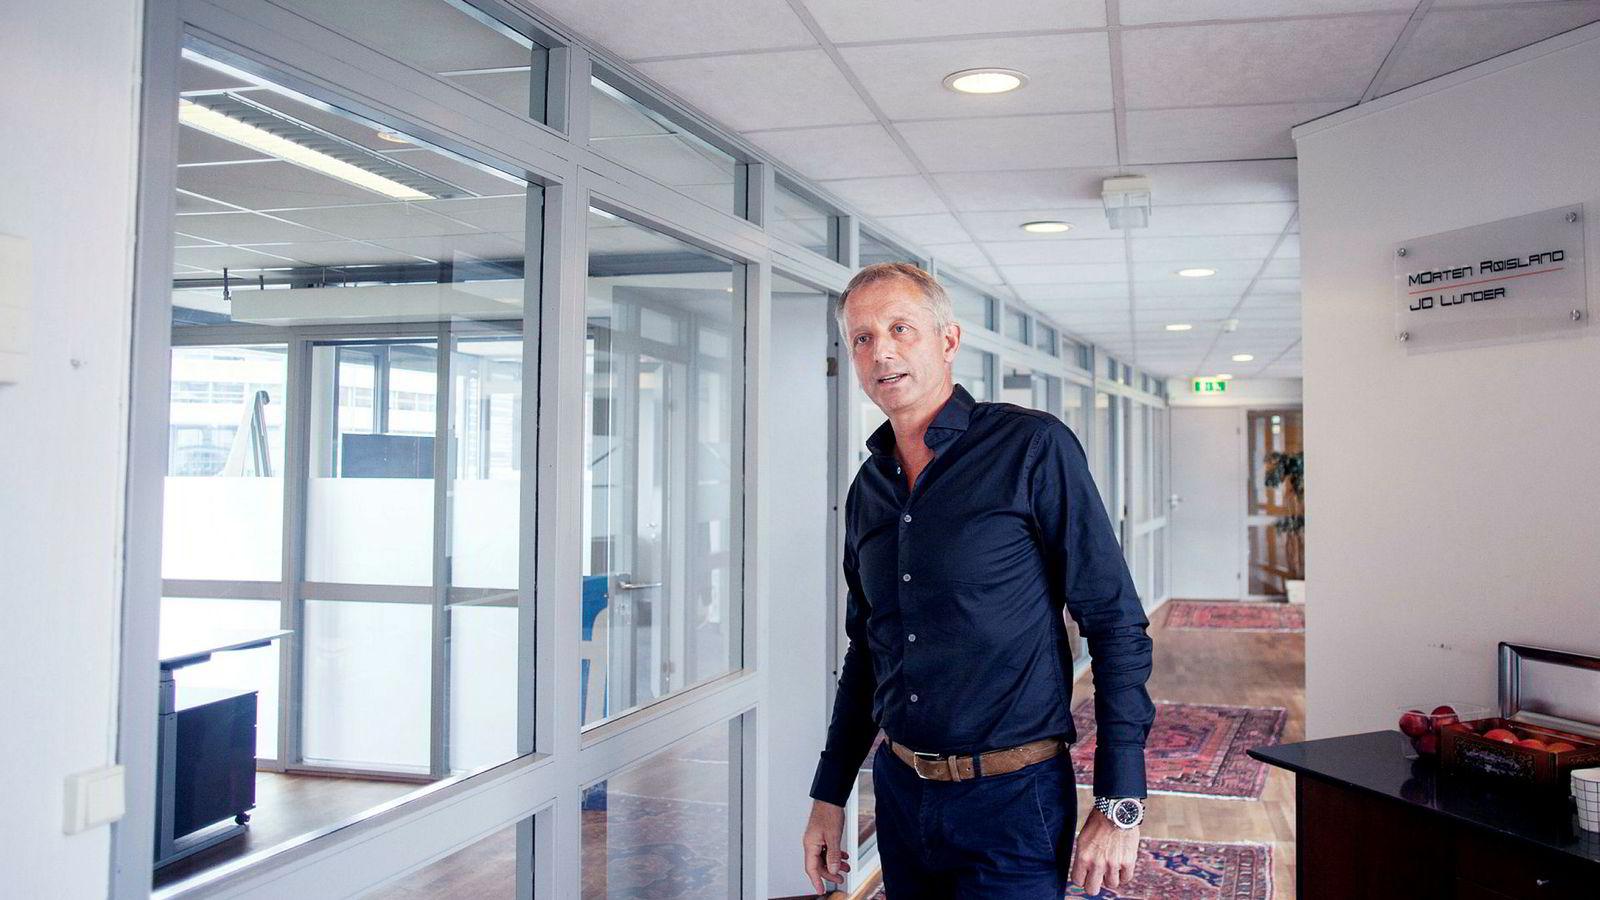 Jo Lunder krevde 530 millioner kroner i erstatning etter at Økokrims korrupsjonsetterforskning mot ham ble henlagt i 2017.